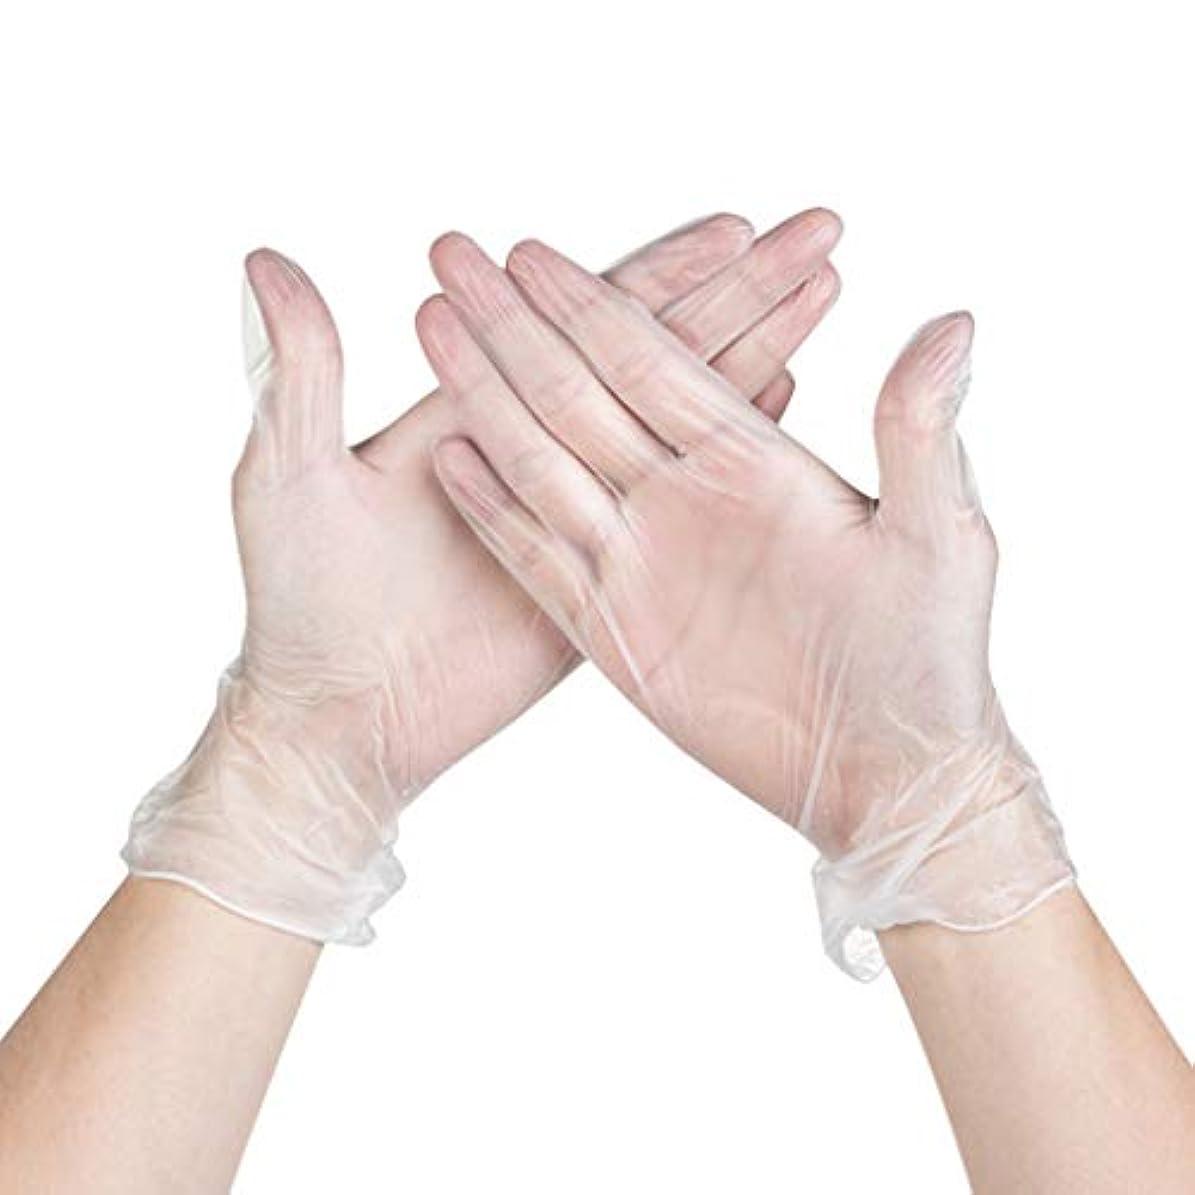 核ジェム大破パウダーフリーの使い捨て医療検査食品電子修理ホーム透明PVC使い捨て手袋箱入り YANW (色 : トランスペアレント, サイズ さいず : M m)